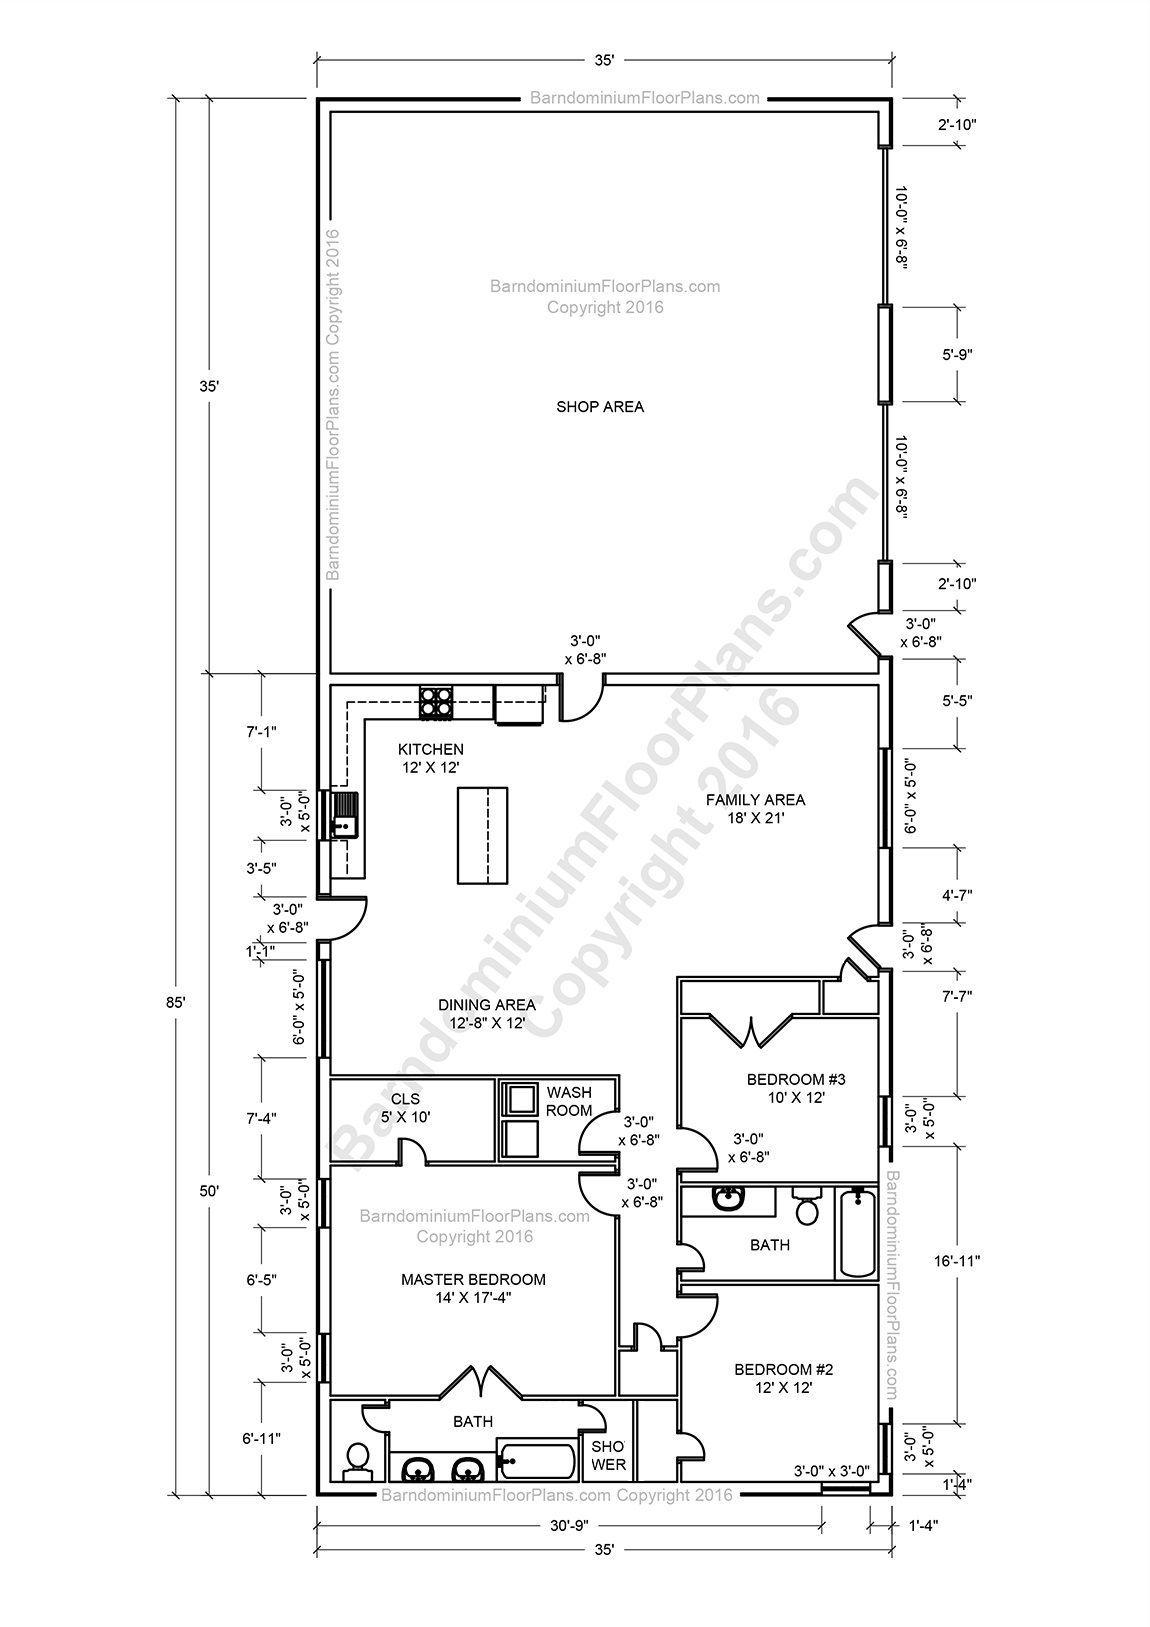 17 Ravishing Barndominium Floor Plan With Breezeway To Get A Past